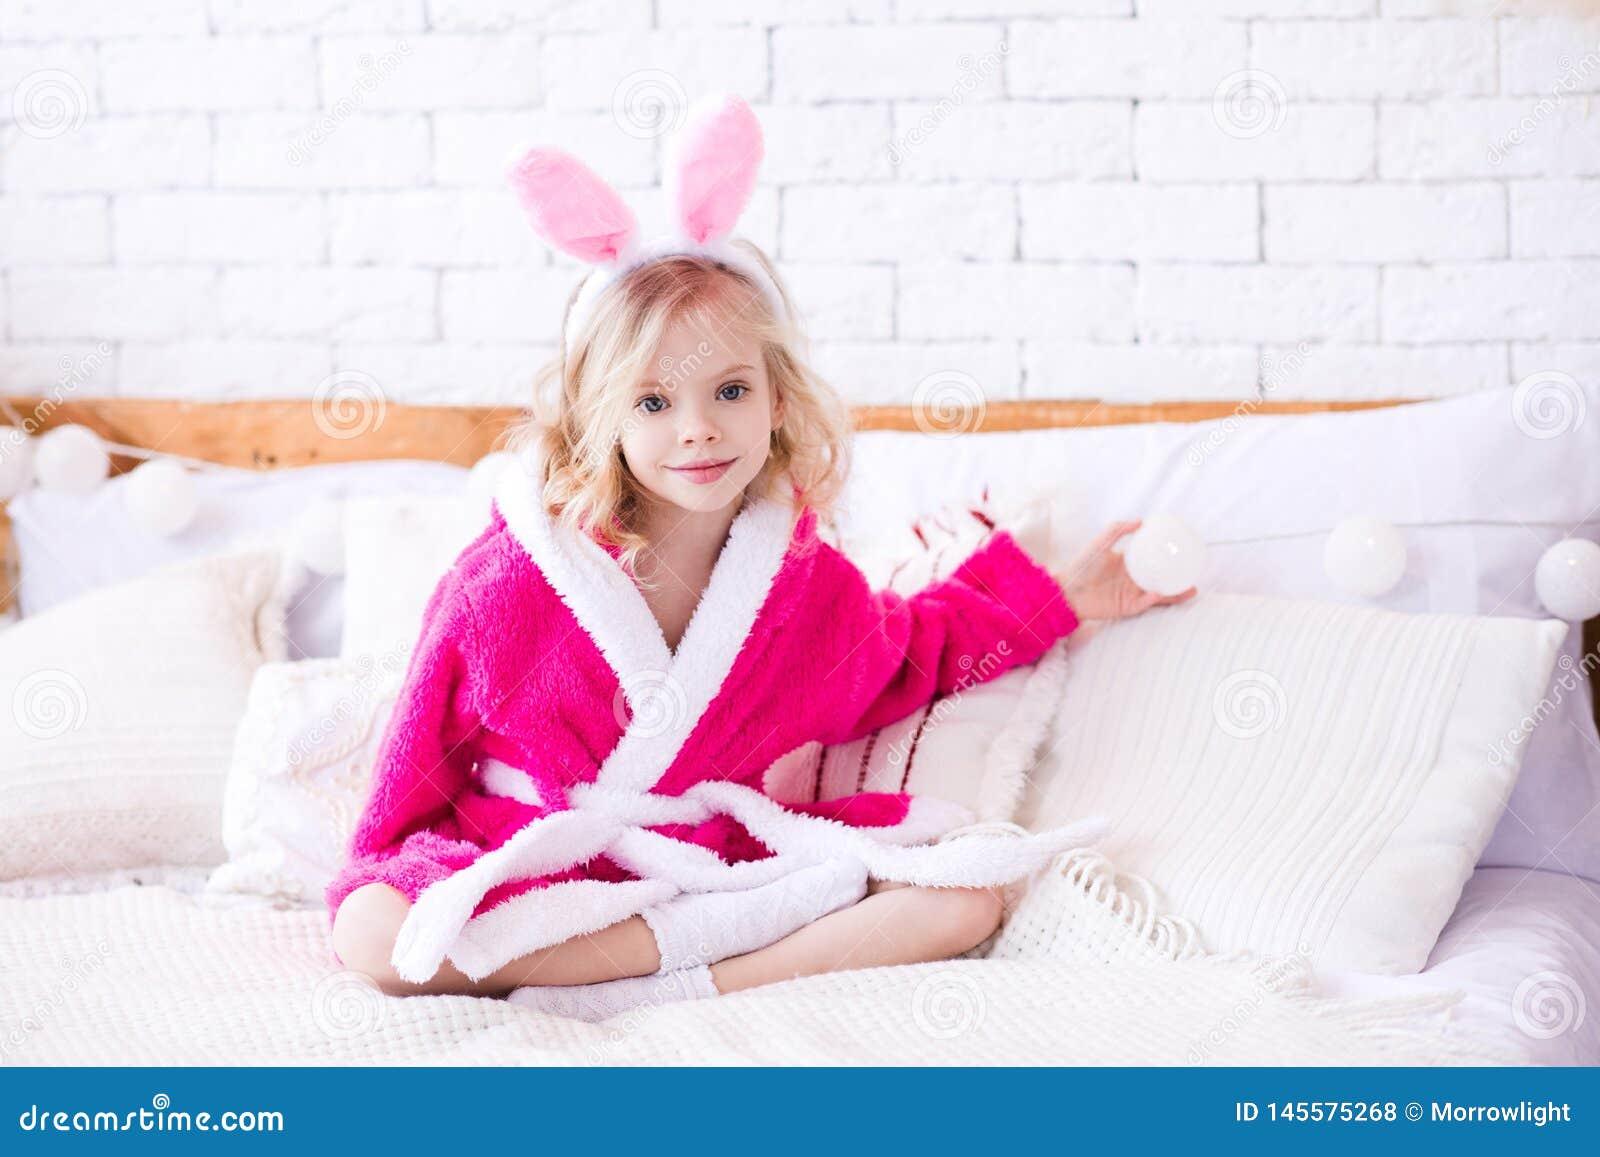 Funny kid girl in room